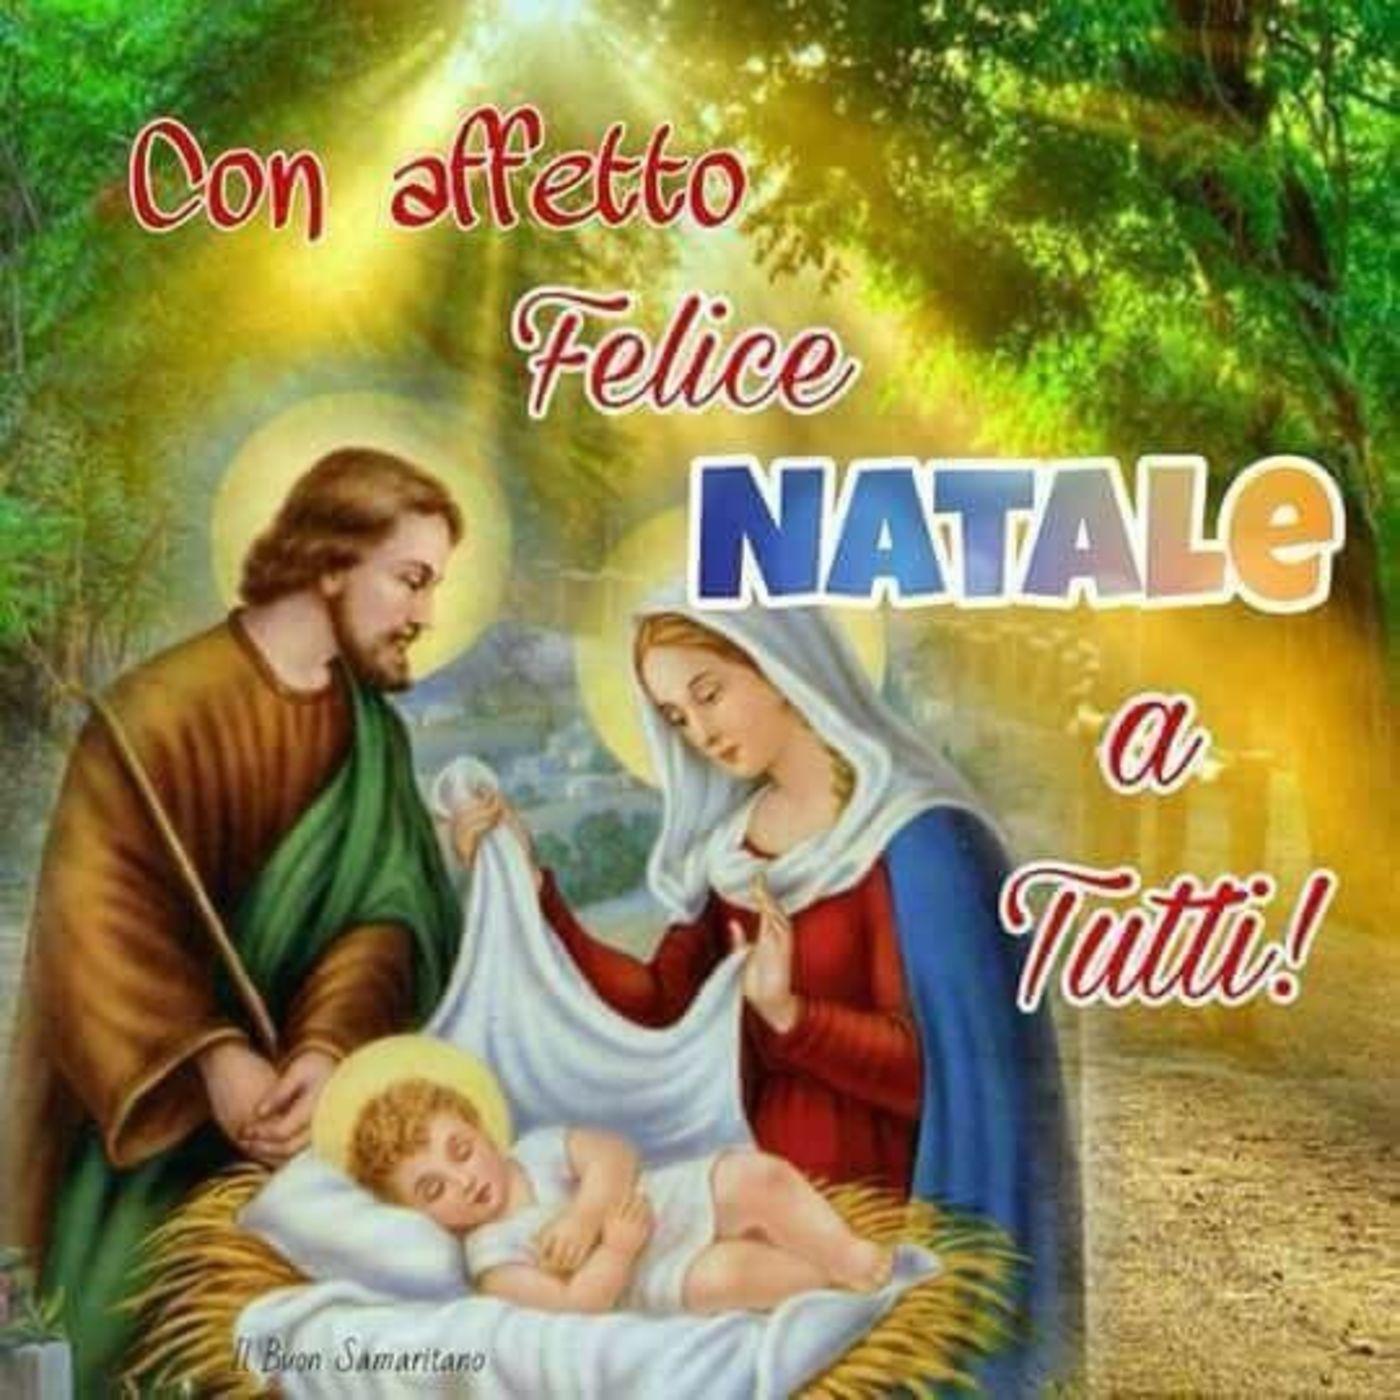 Auguri Di Buon Natale Religiosi.Buon Natale Religioso Auguri Di Buon Natale Natale Buon